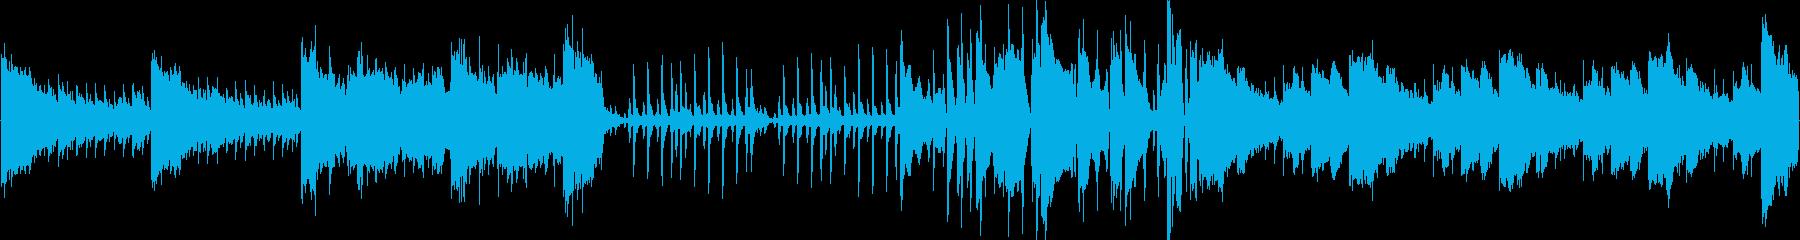 ちょっとダーク系の曲ですの再生済みの波形